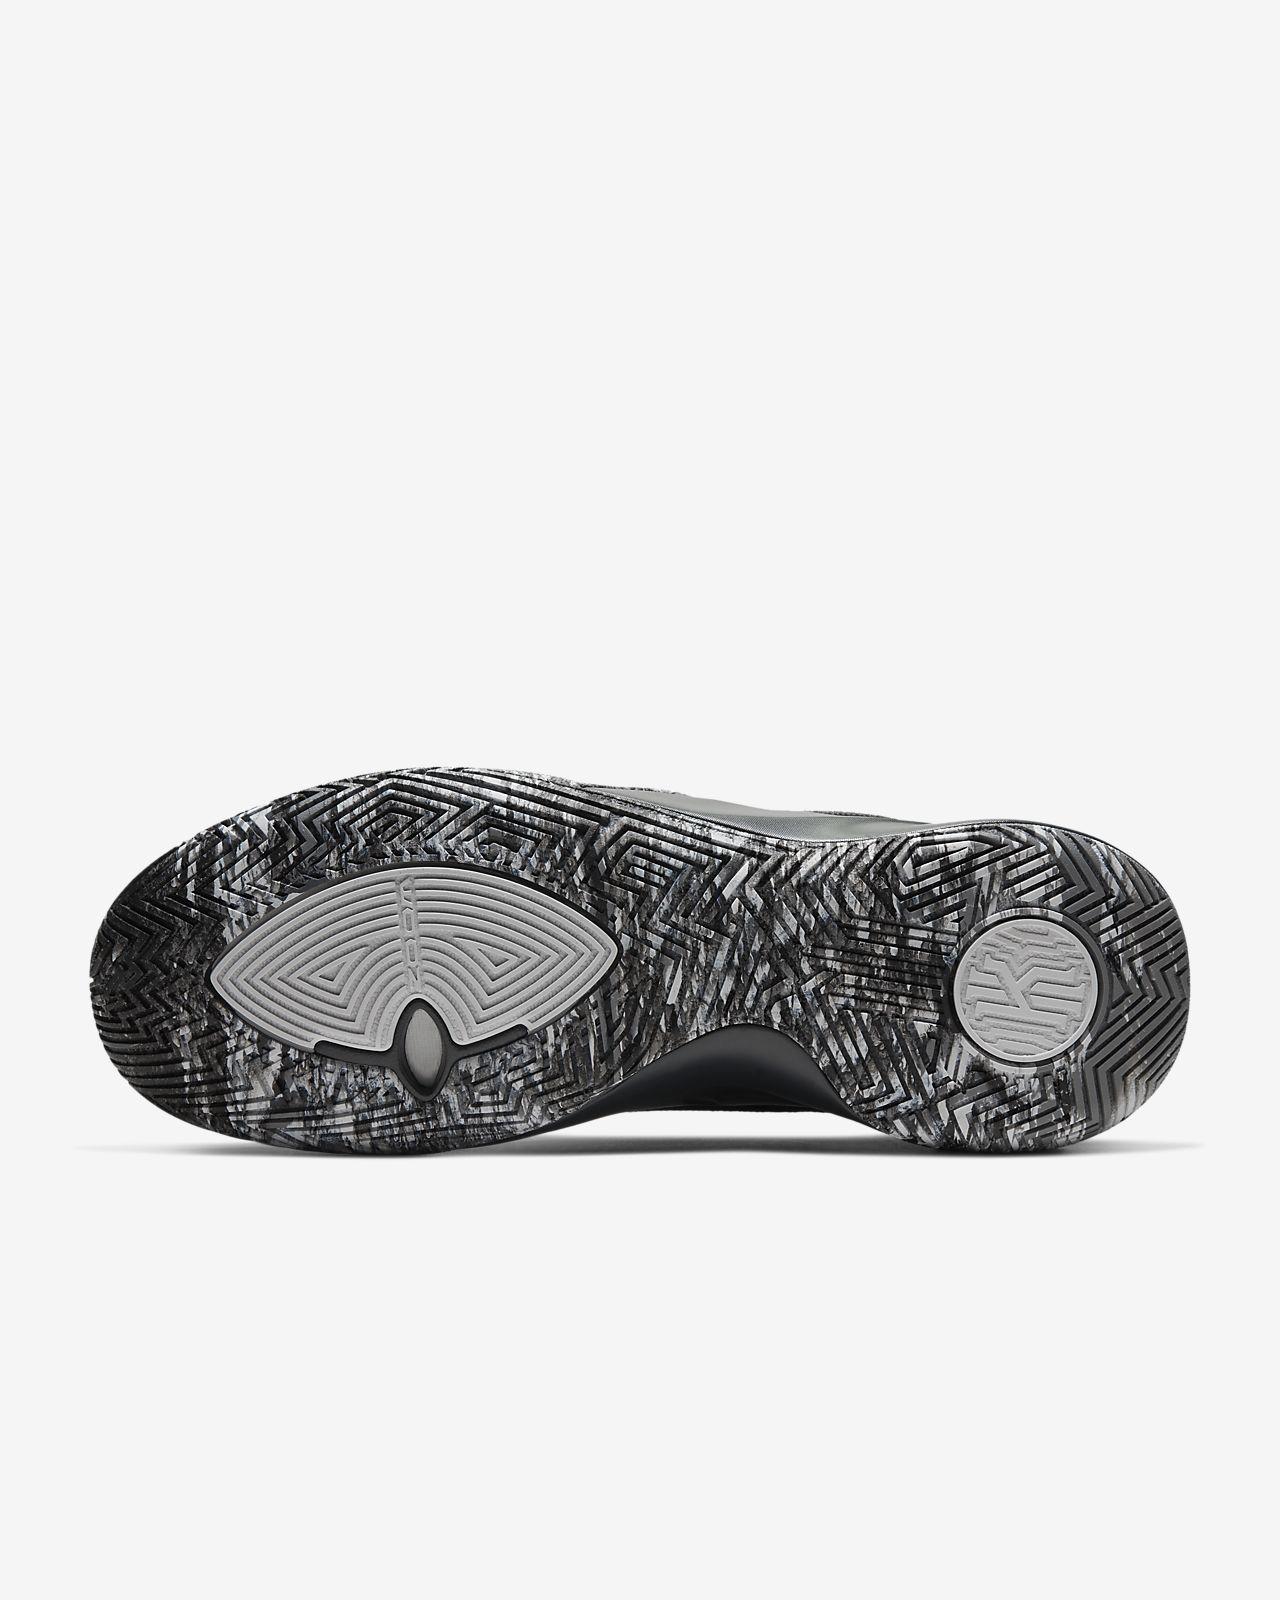 Nike Kyrie Flytrap Schwarz Weiß Schuhe für Herren Reduziert